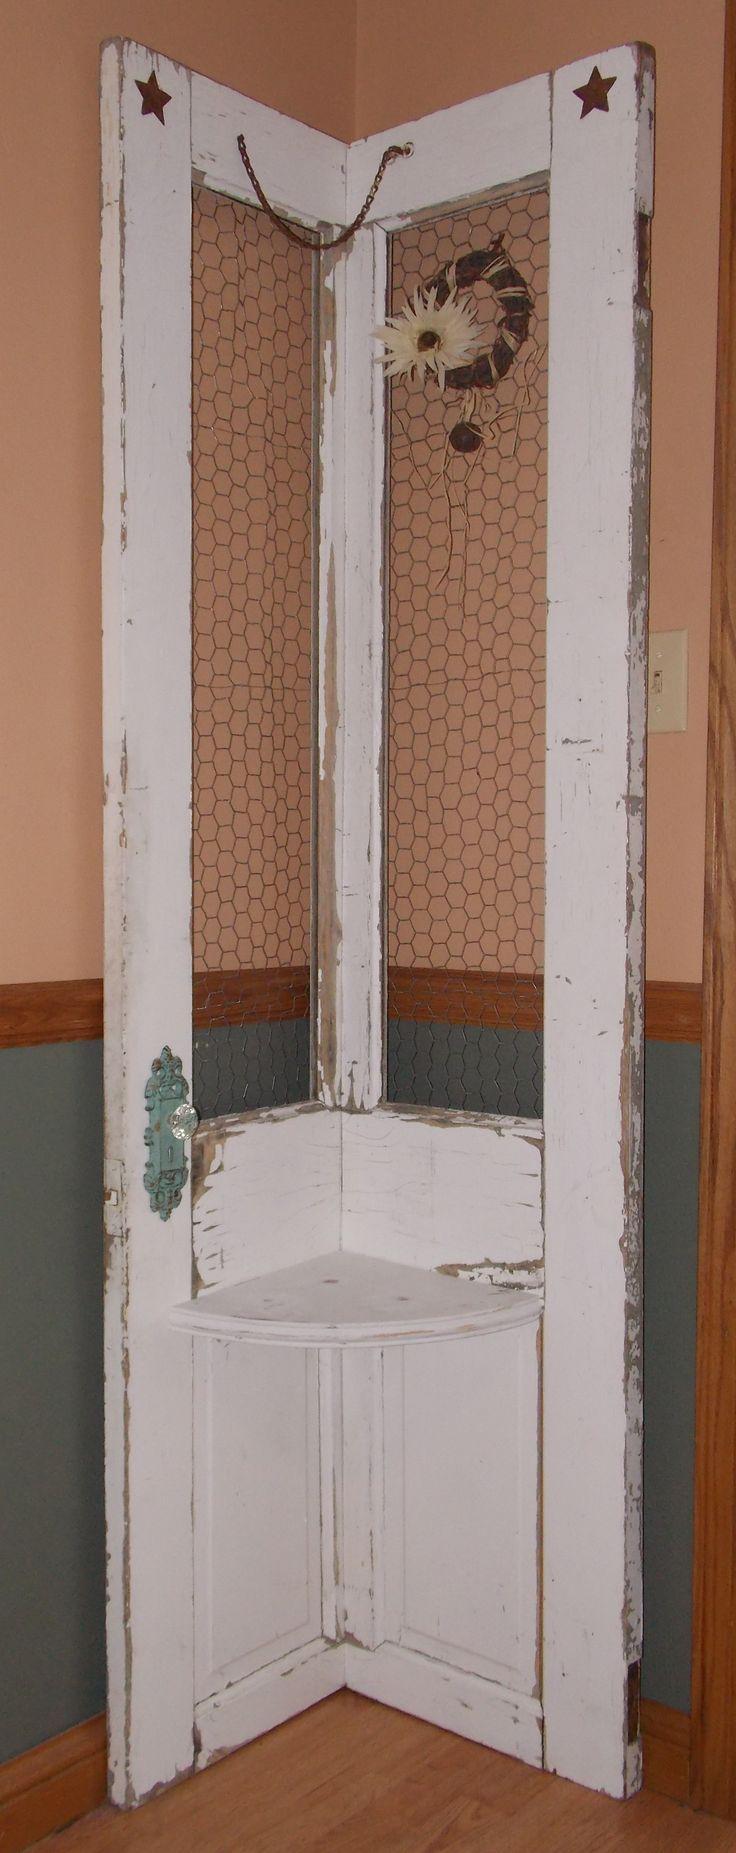 Best 25+ Old door knobs ideas on Pinterest   Vintage door knobs ...